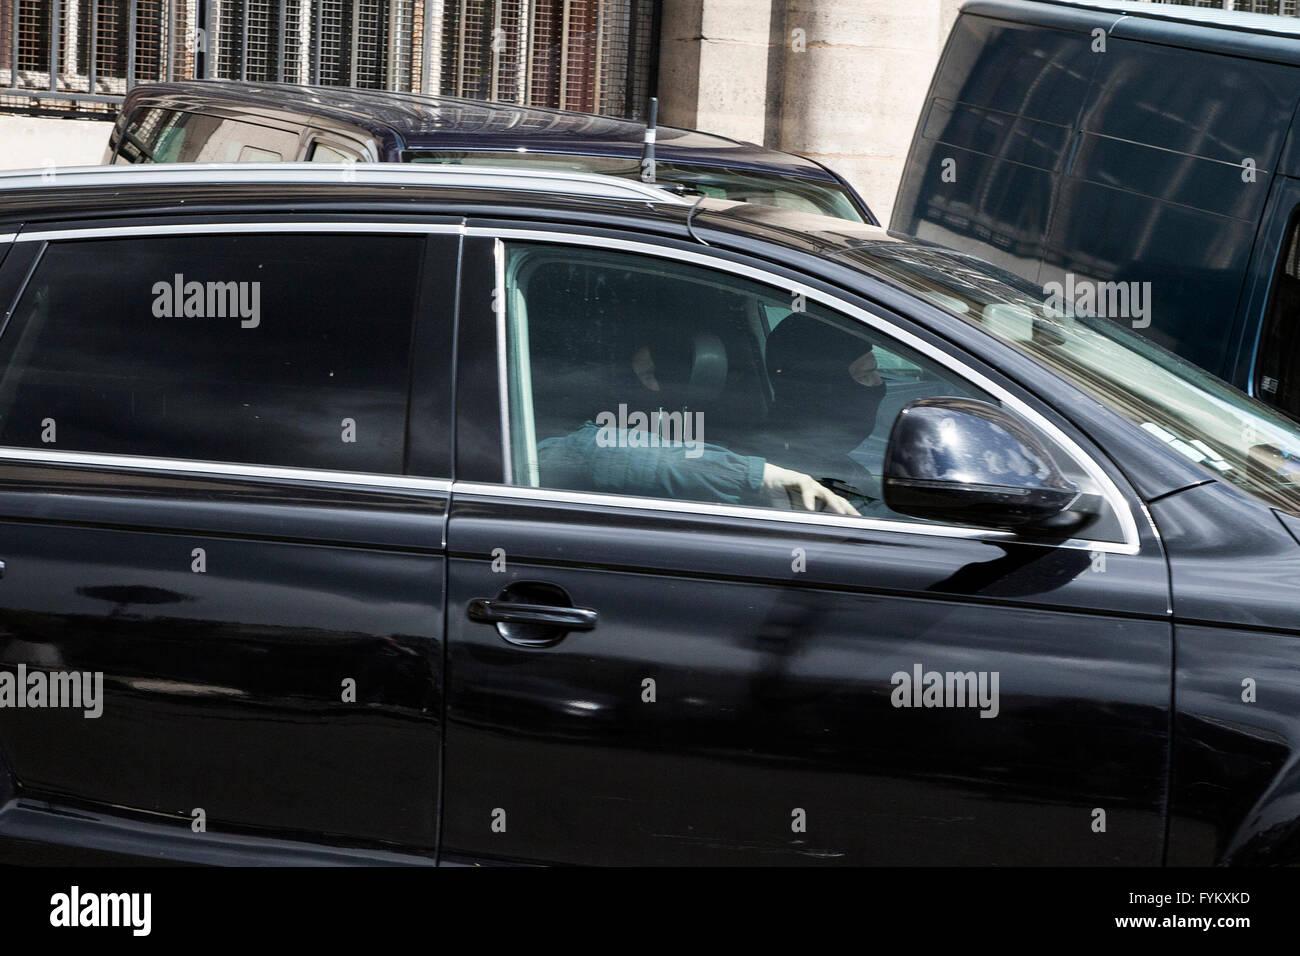 París, Francia. 27 abr, 2016. Unidad de la fuerza de tarea francesa escorts Salah Abdeslam desde el Palacio de Justicia Foto de stock